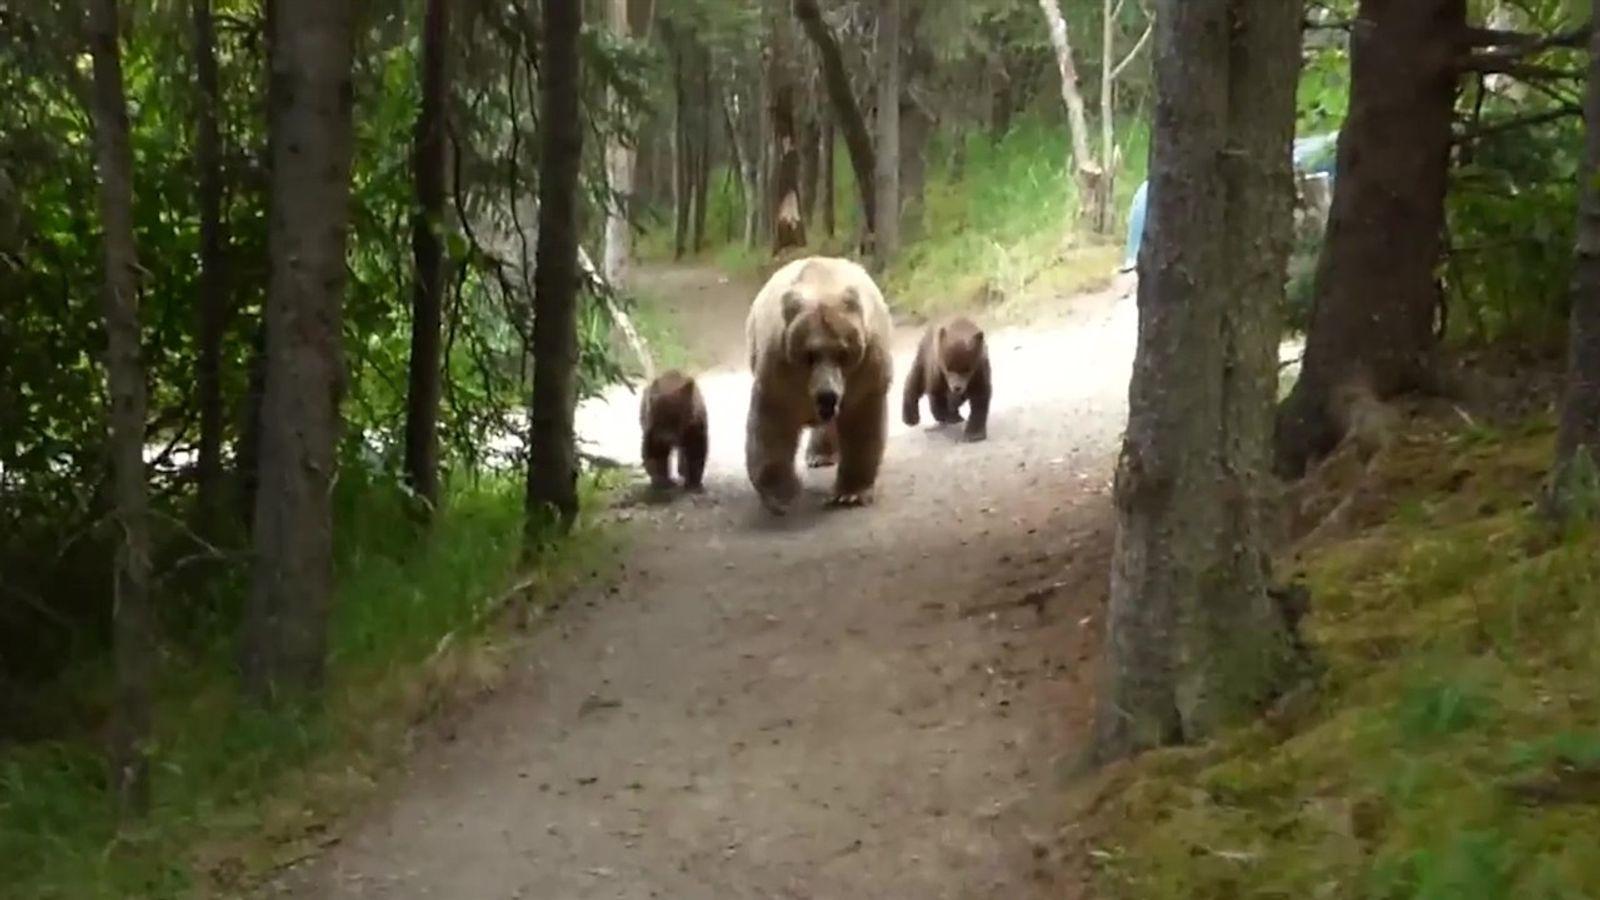 Turista é surpreendido por mãe urso e filhotes enquanto fazia trilha